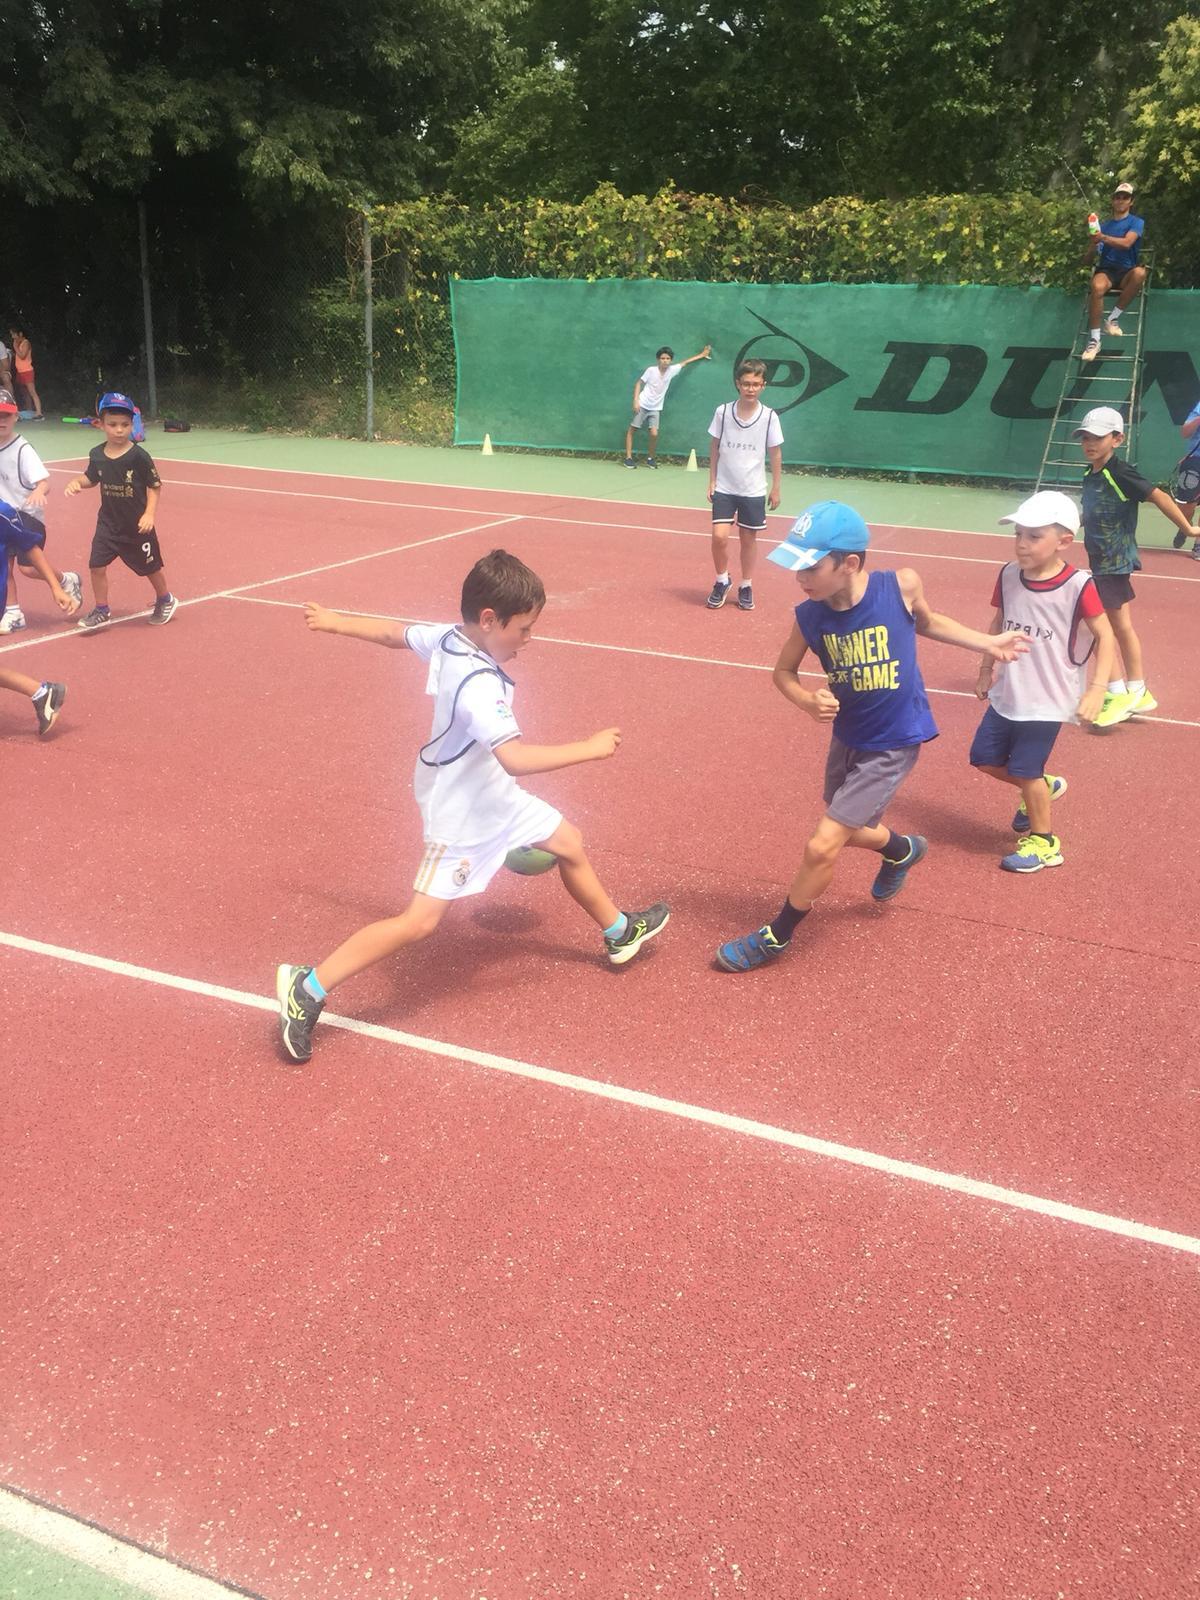 ecole de tennis du park - les accates - olivier launo 18